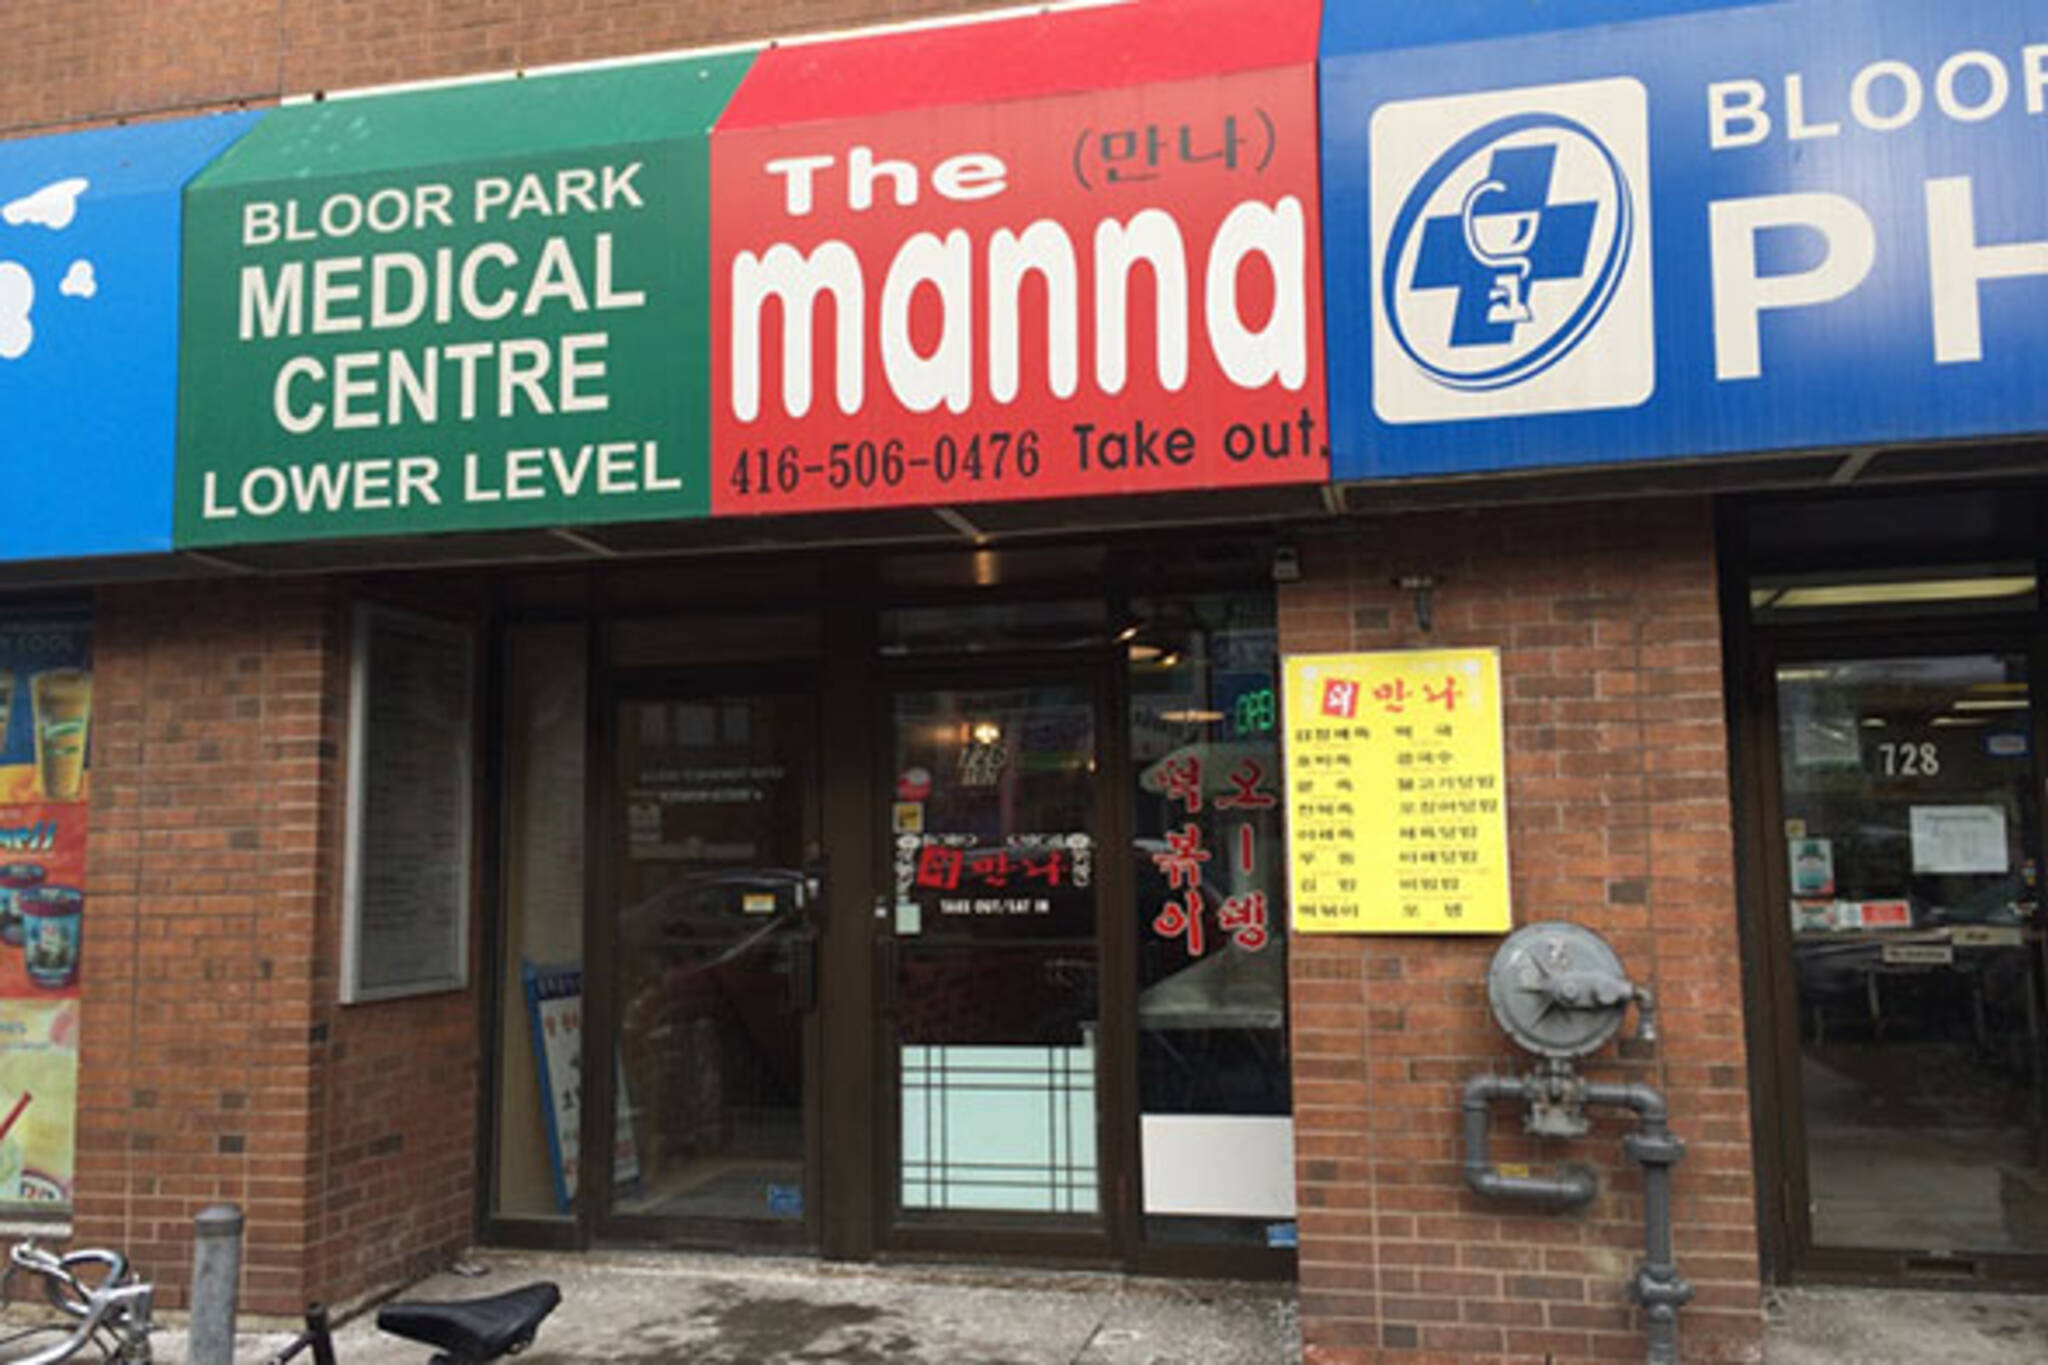 The Manna